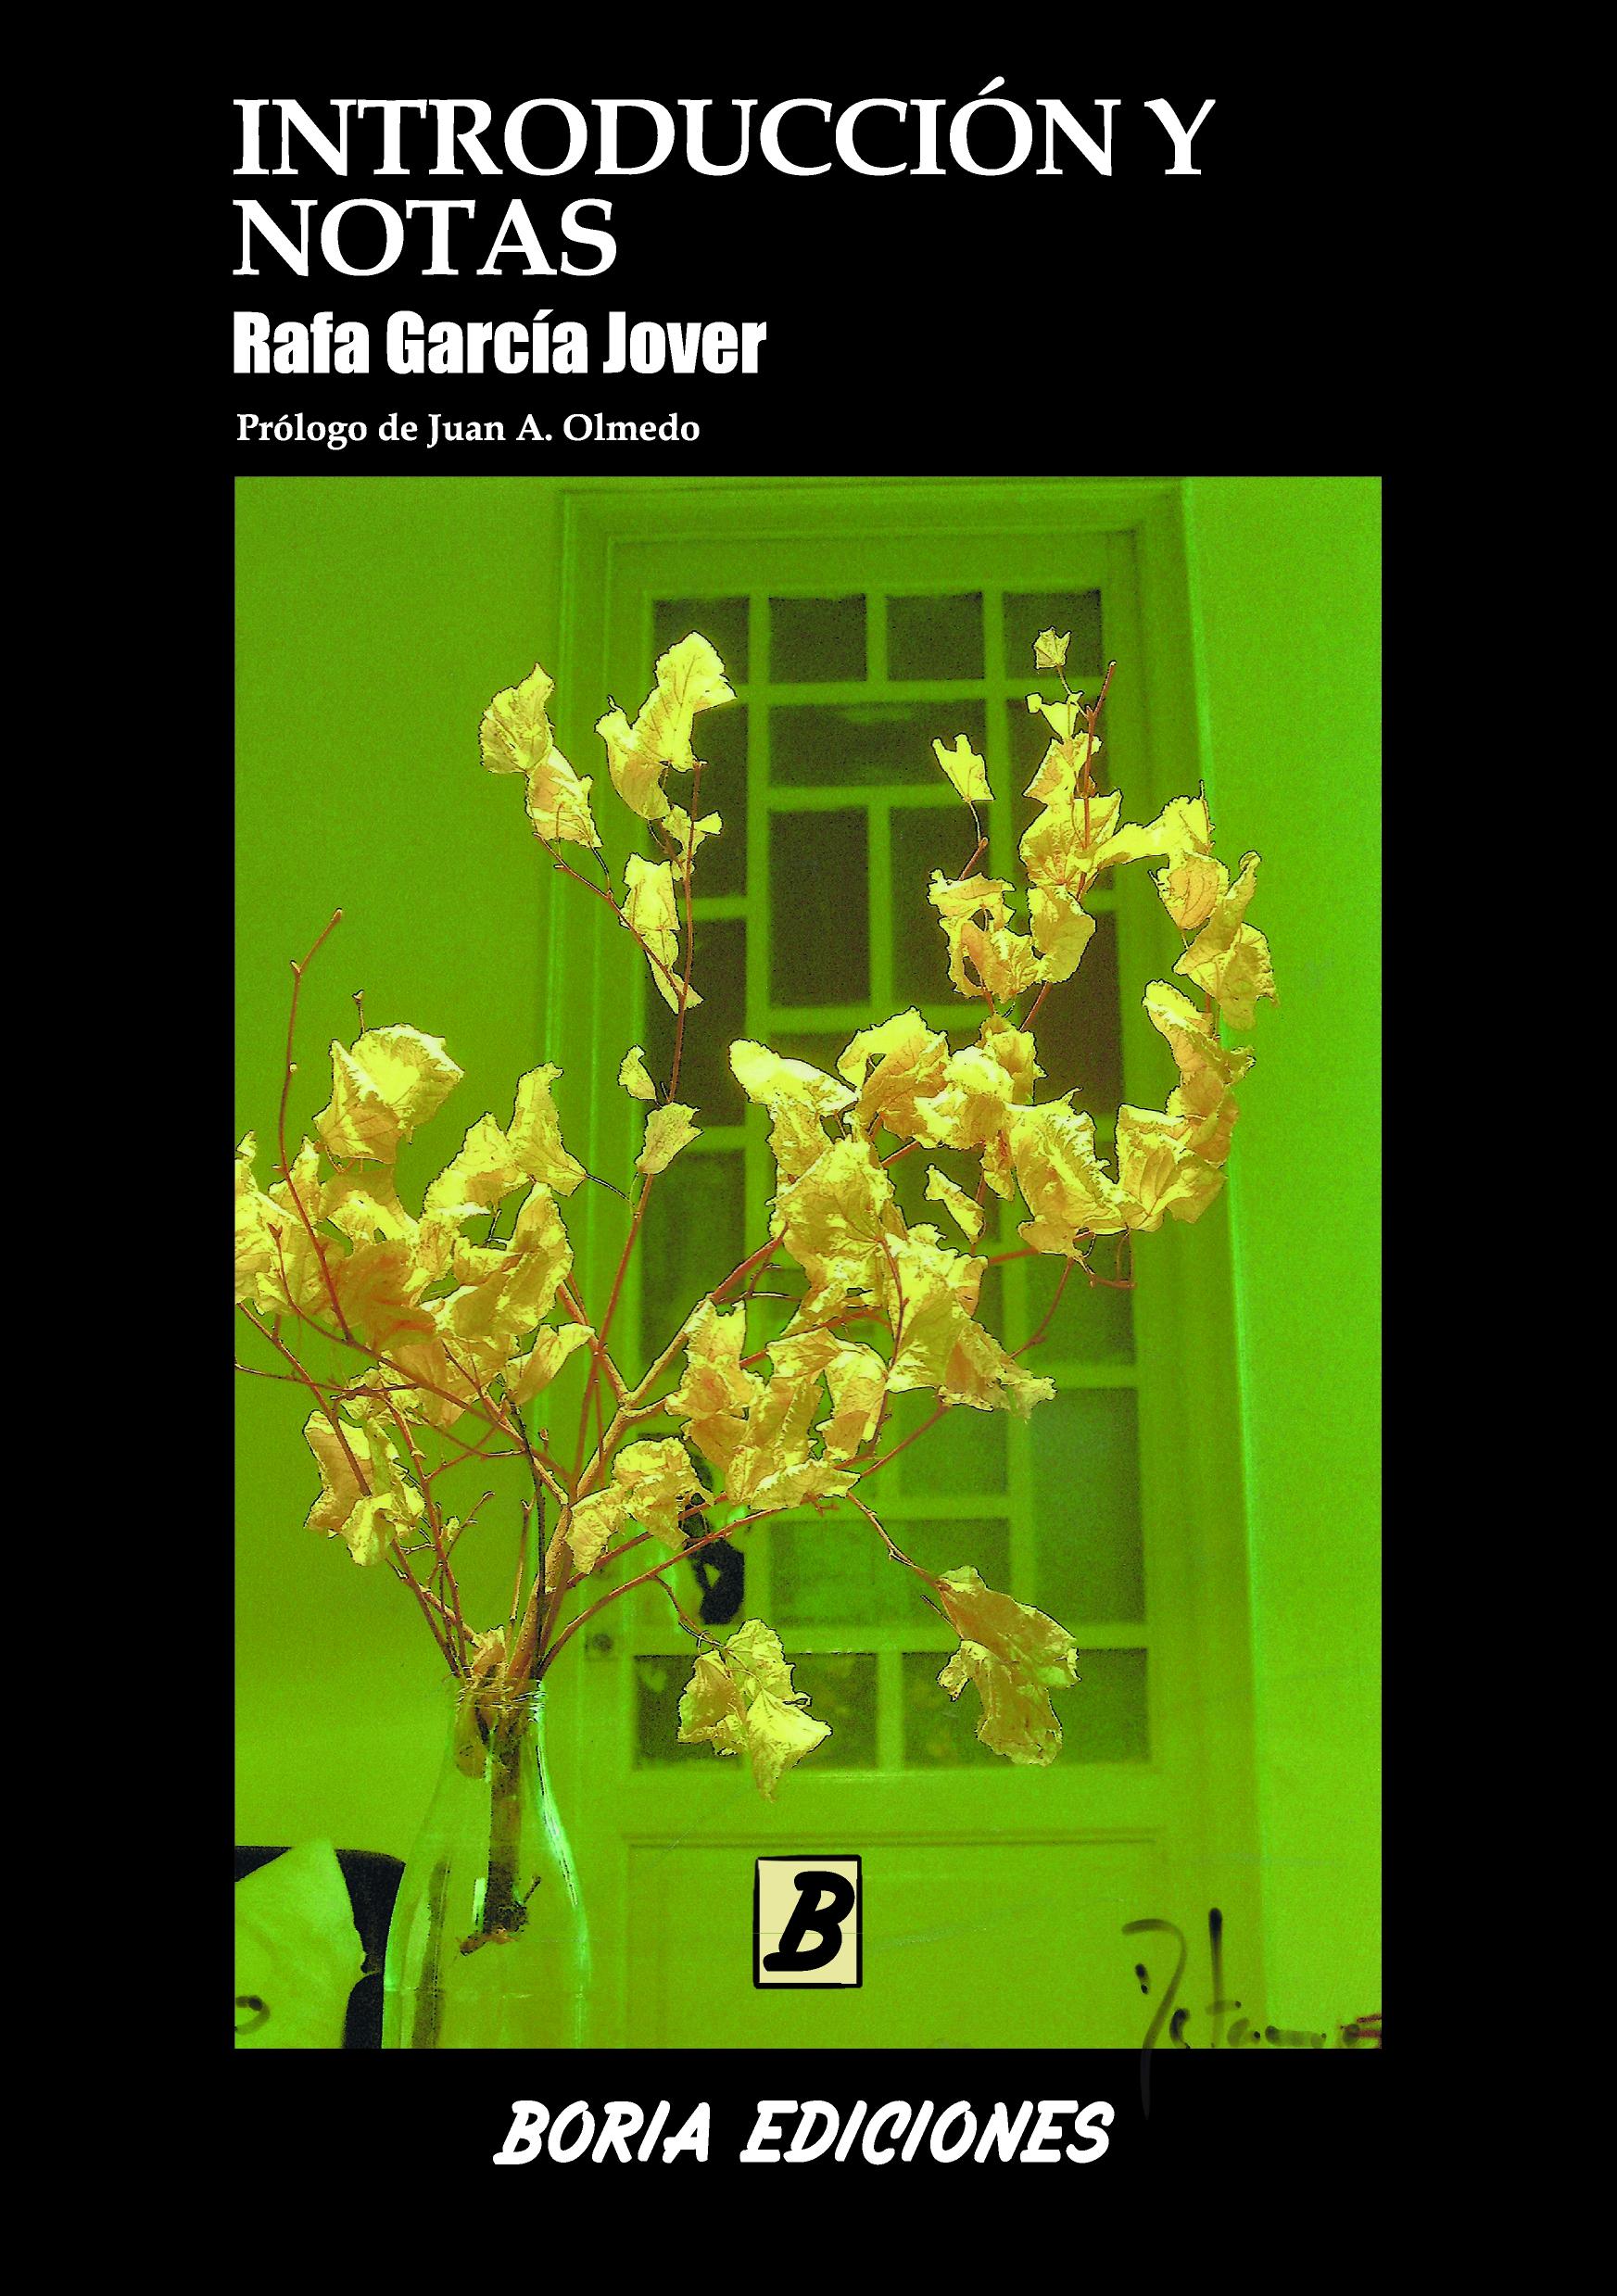 Introducción y notas - Boria Ediciones